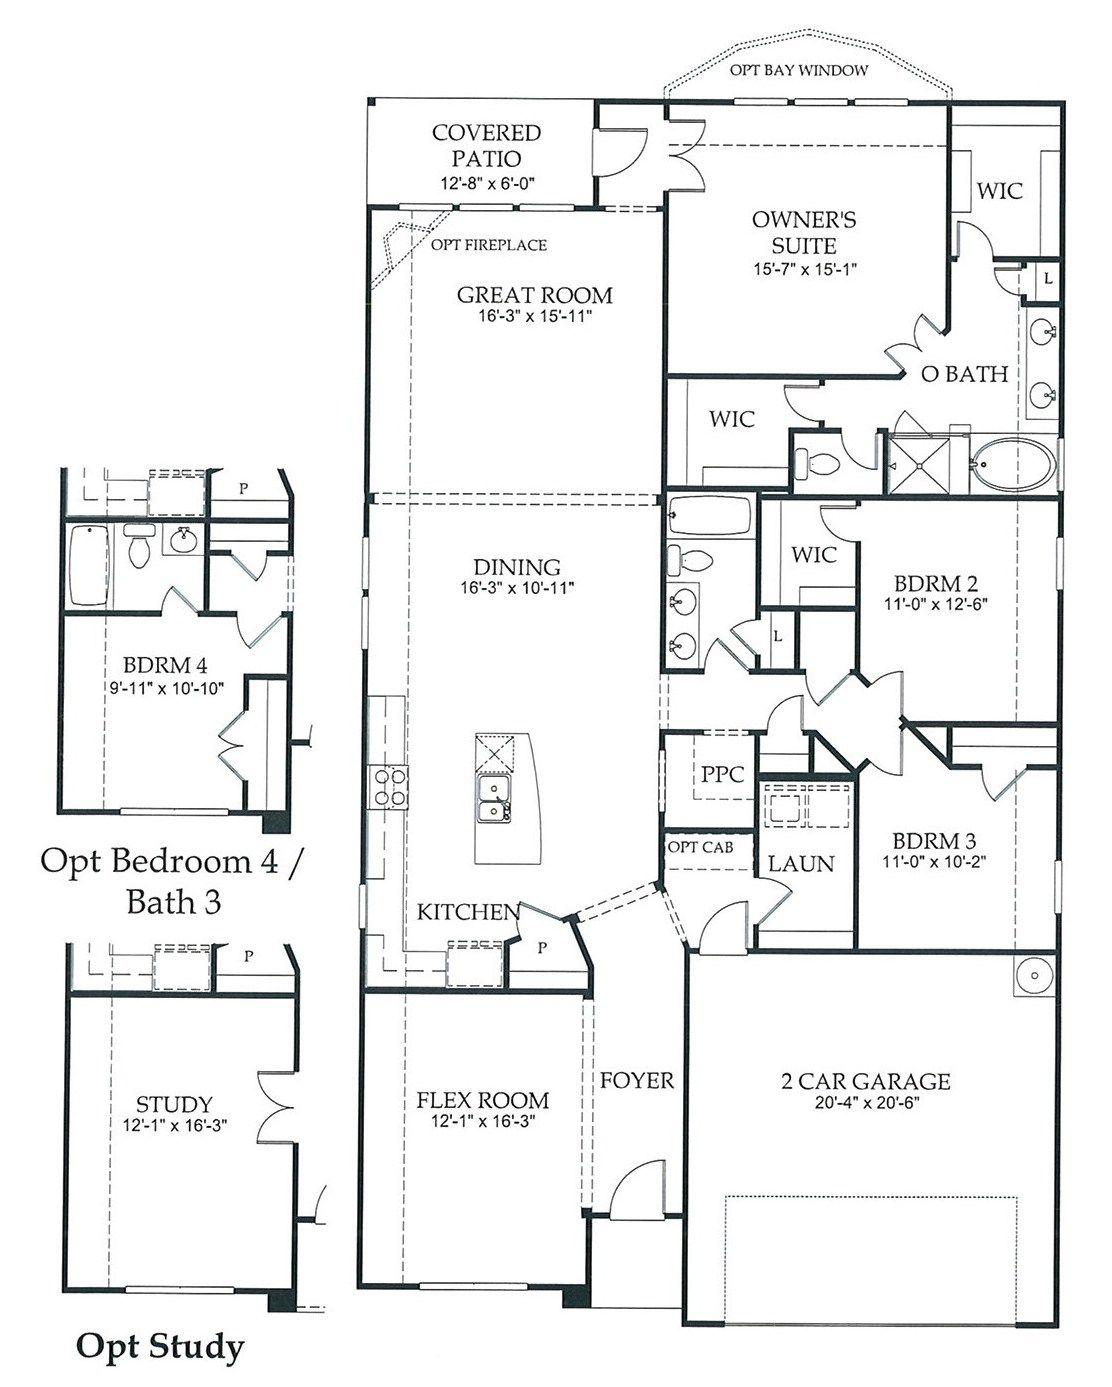 2200 sq ft newland communities flex room house floor